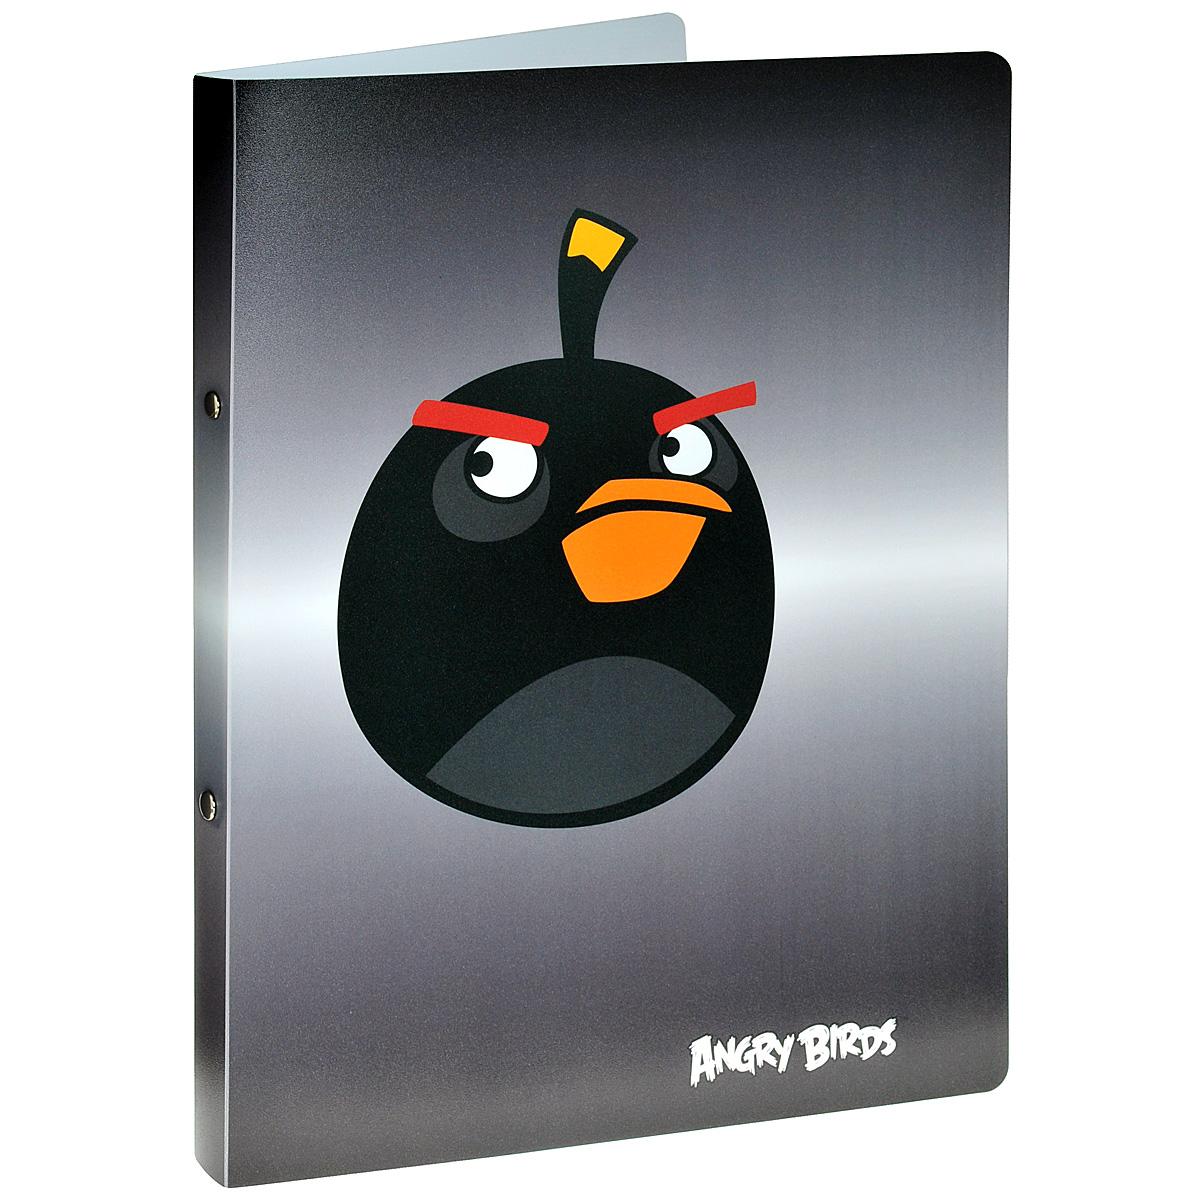 Centrum Папка на кольцах Angry Birds цвет серый84698Папка на кольцах Centrum Angry Birds предназначена для хранения и транспортировки бумаг или документов формата А4. Папка изготовлена из плотного пластика и оформлена изображением персонажа всеми любимой игры Angry Birds. Кольцевой механизм выполнен из высококачественной стали.